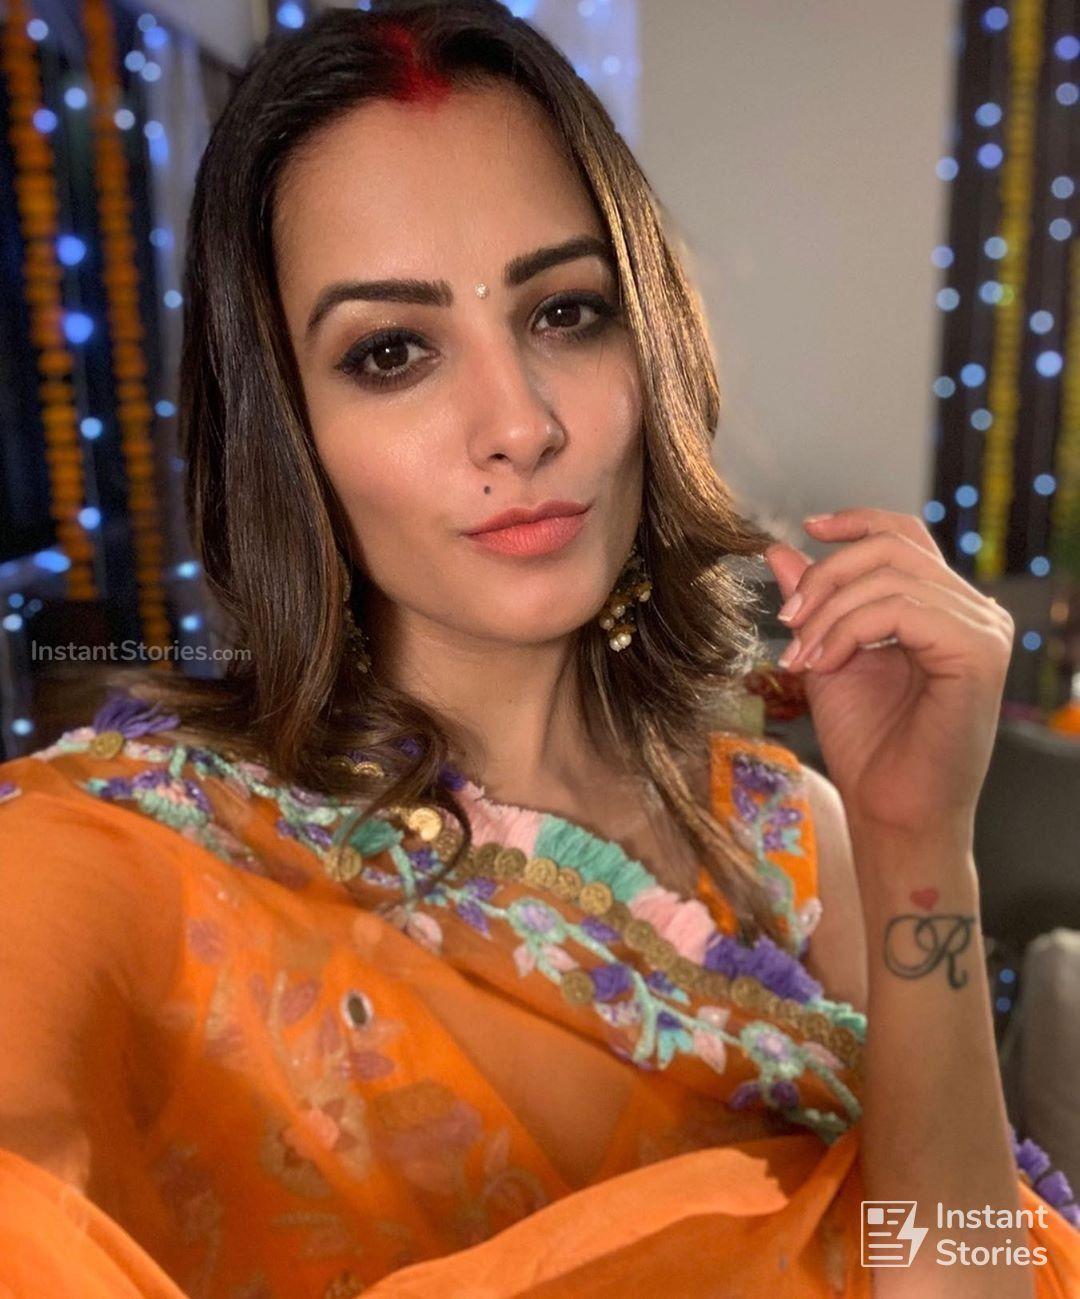 Anita Hassanandani Latest Hot Hd Photos Wallpapers 1080p Anita Indian Tv Actress Hd Photos